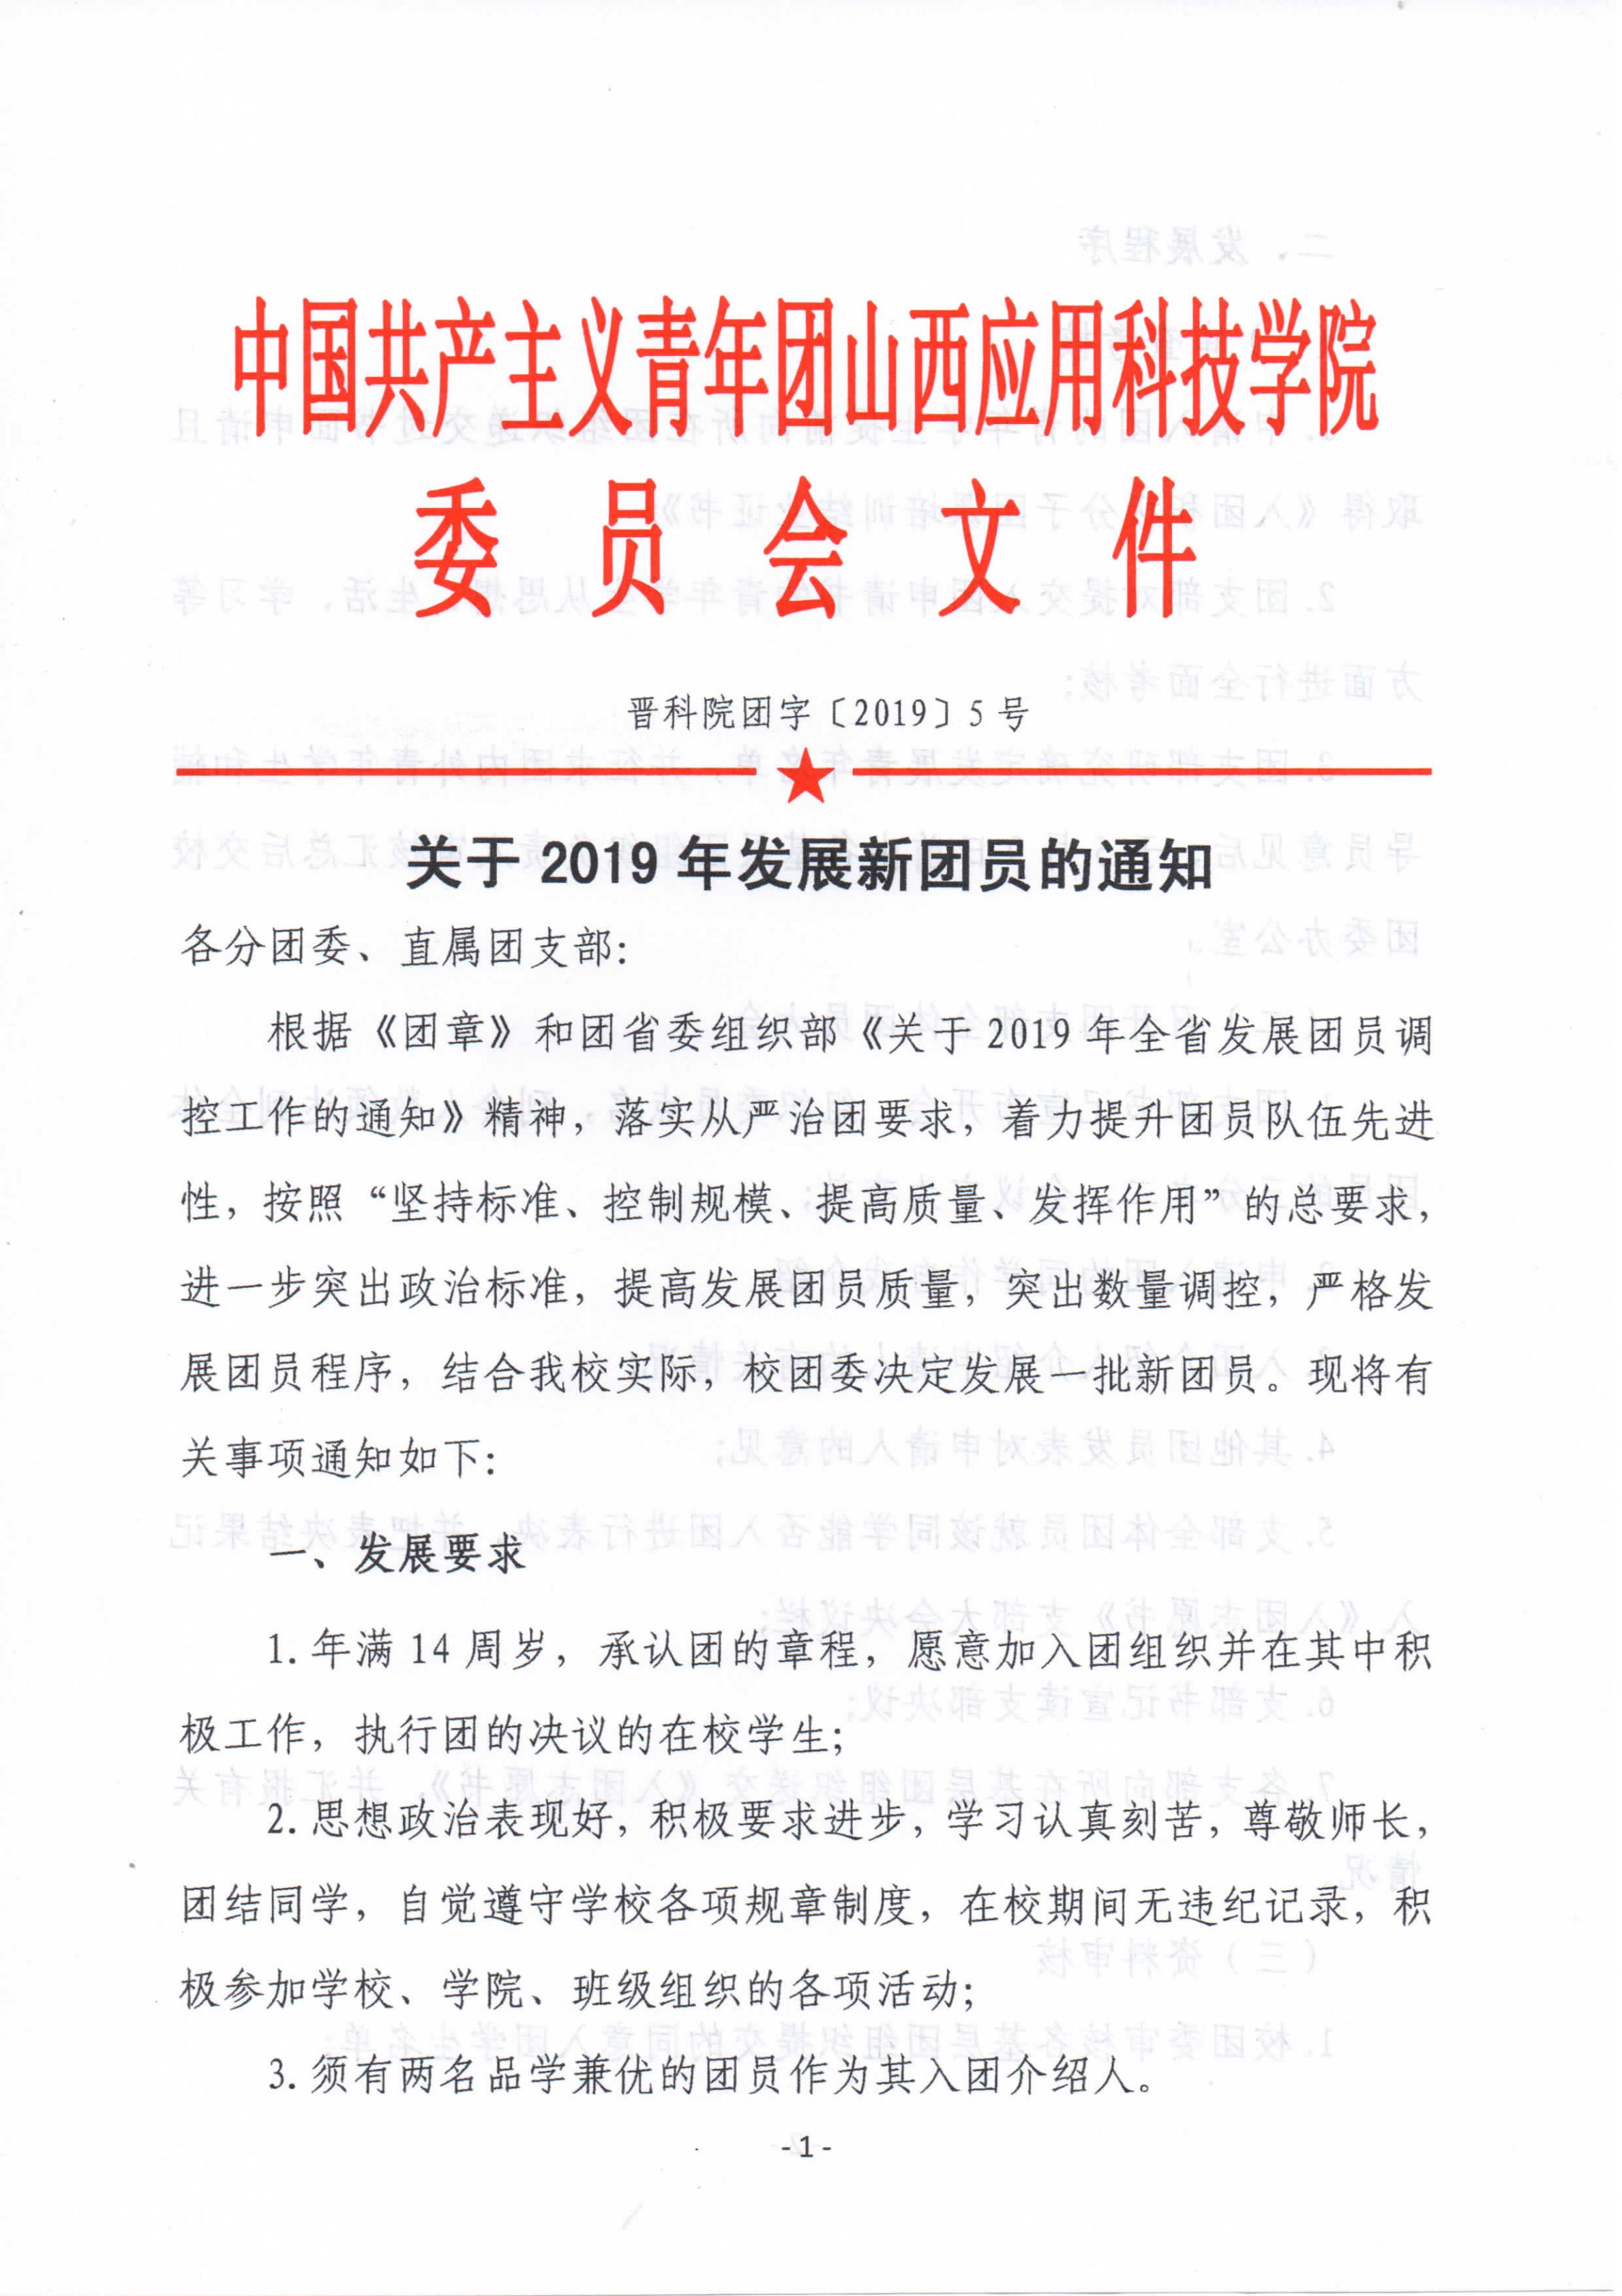 5-关于2019年发展新团员的通知_00.png